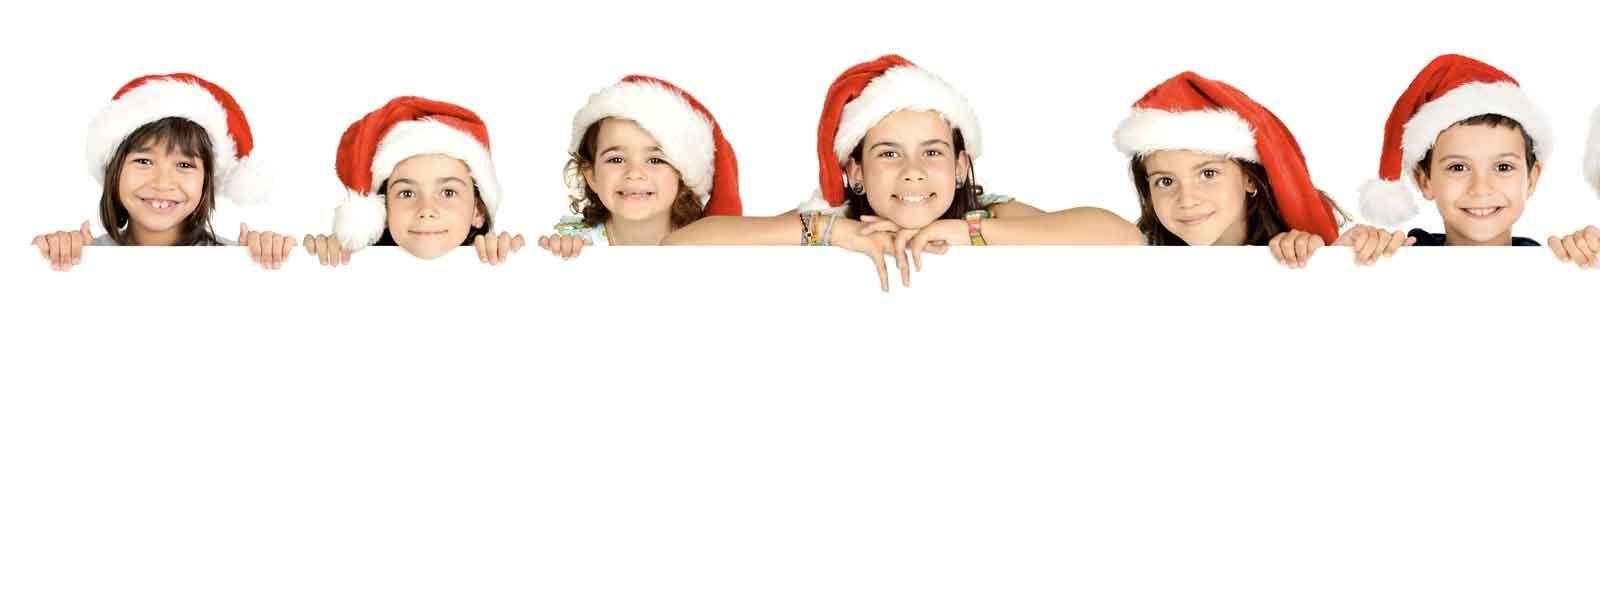 Babbo Natale Questanno Verra Filastrocca.Filastrocche Di Natale Divertenti Trovami